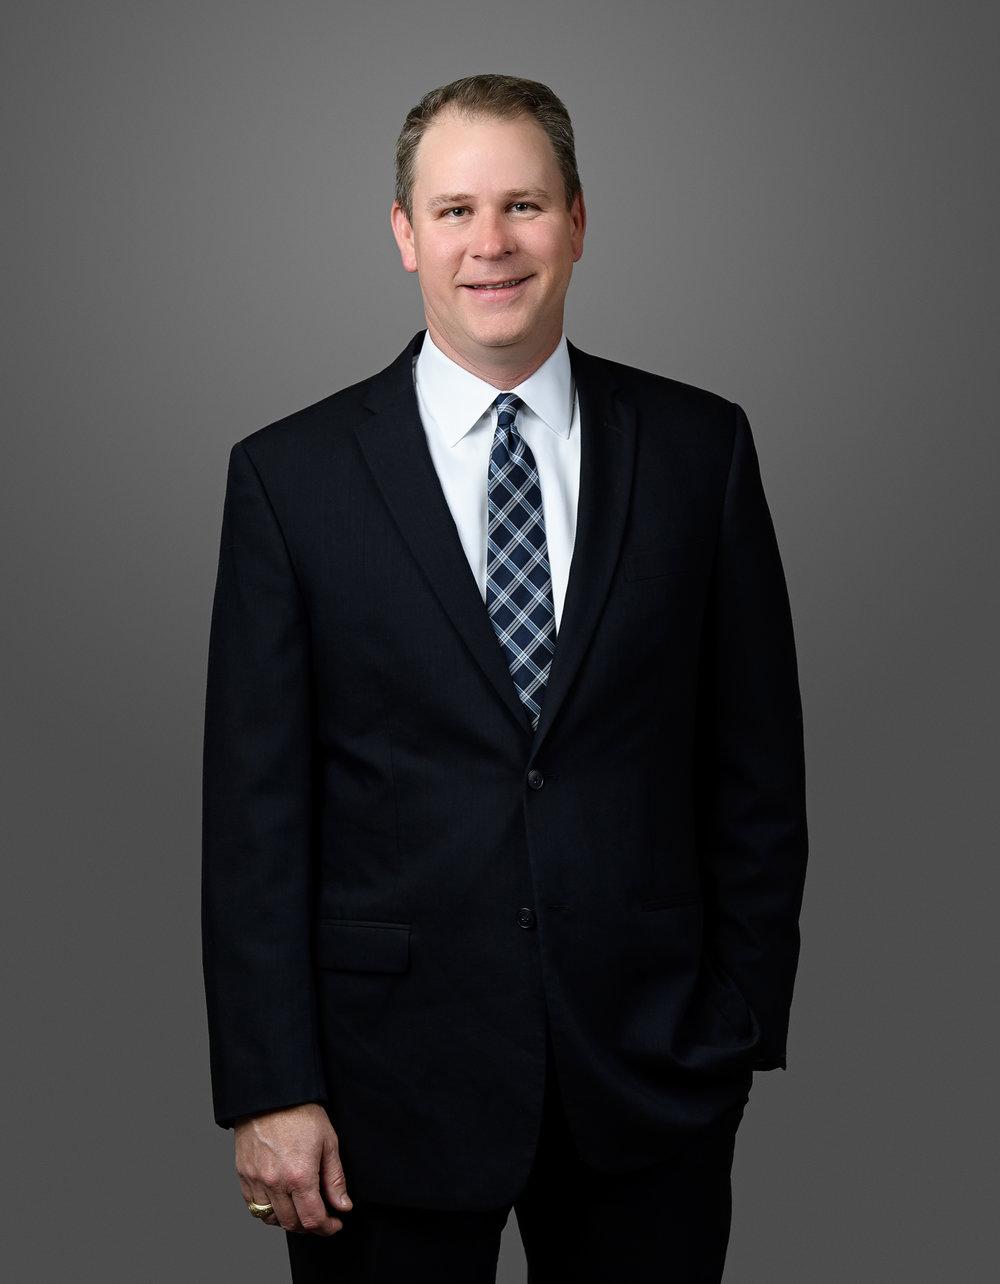 Clinton Dennis